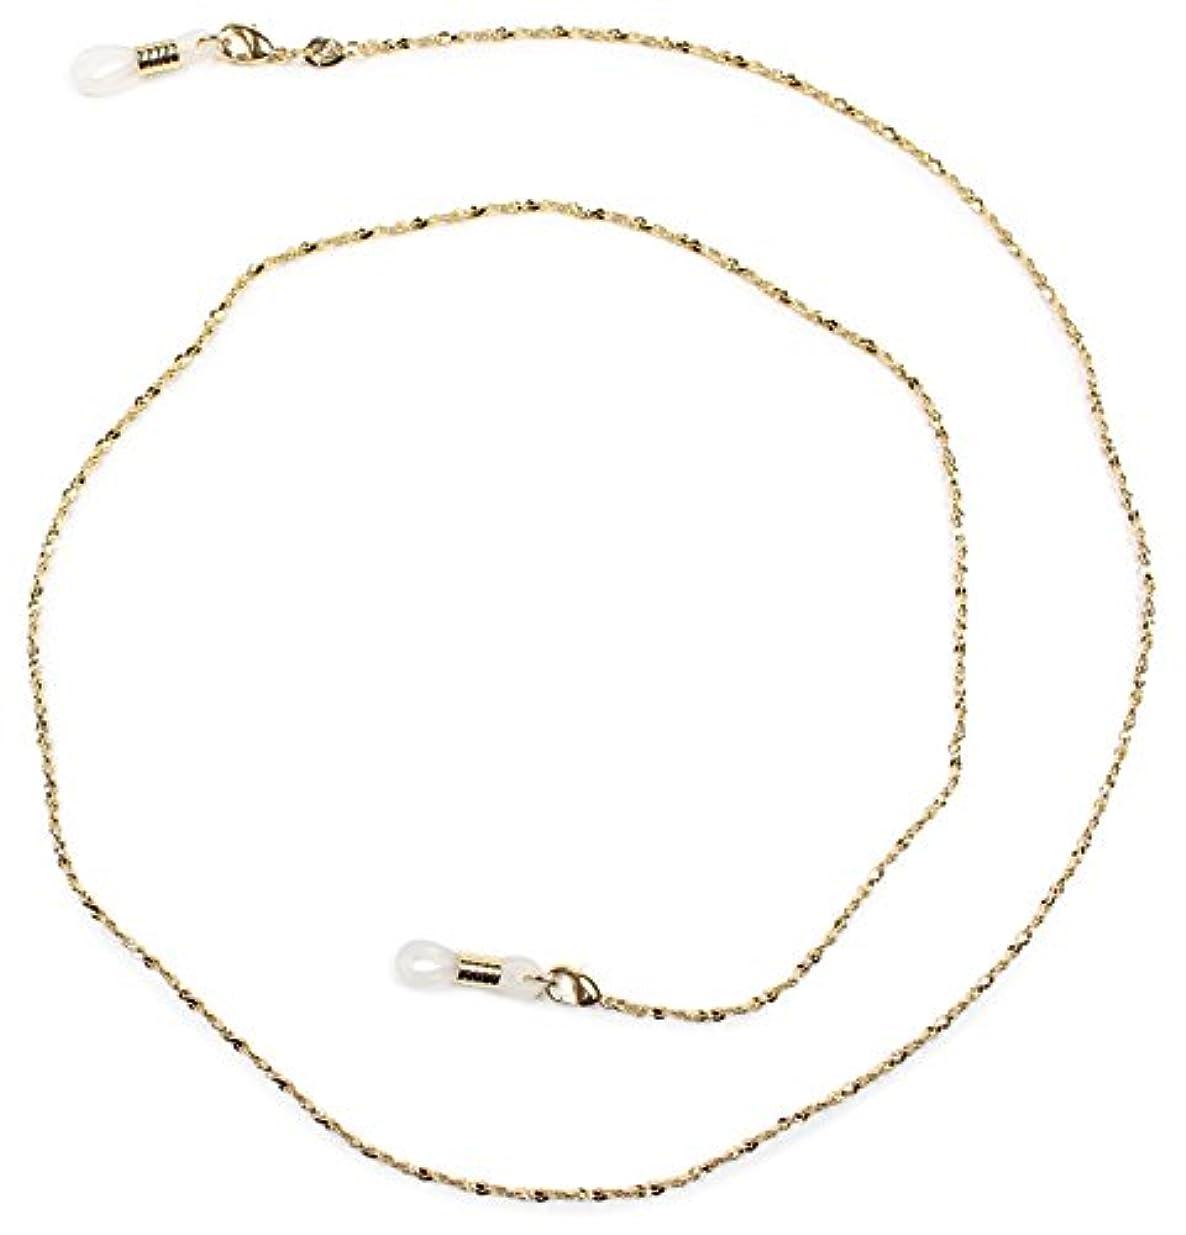 類人猿タイピストケーブルパール グラスコード 真鍮 72cm ゴールド CG-104